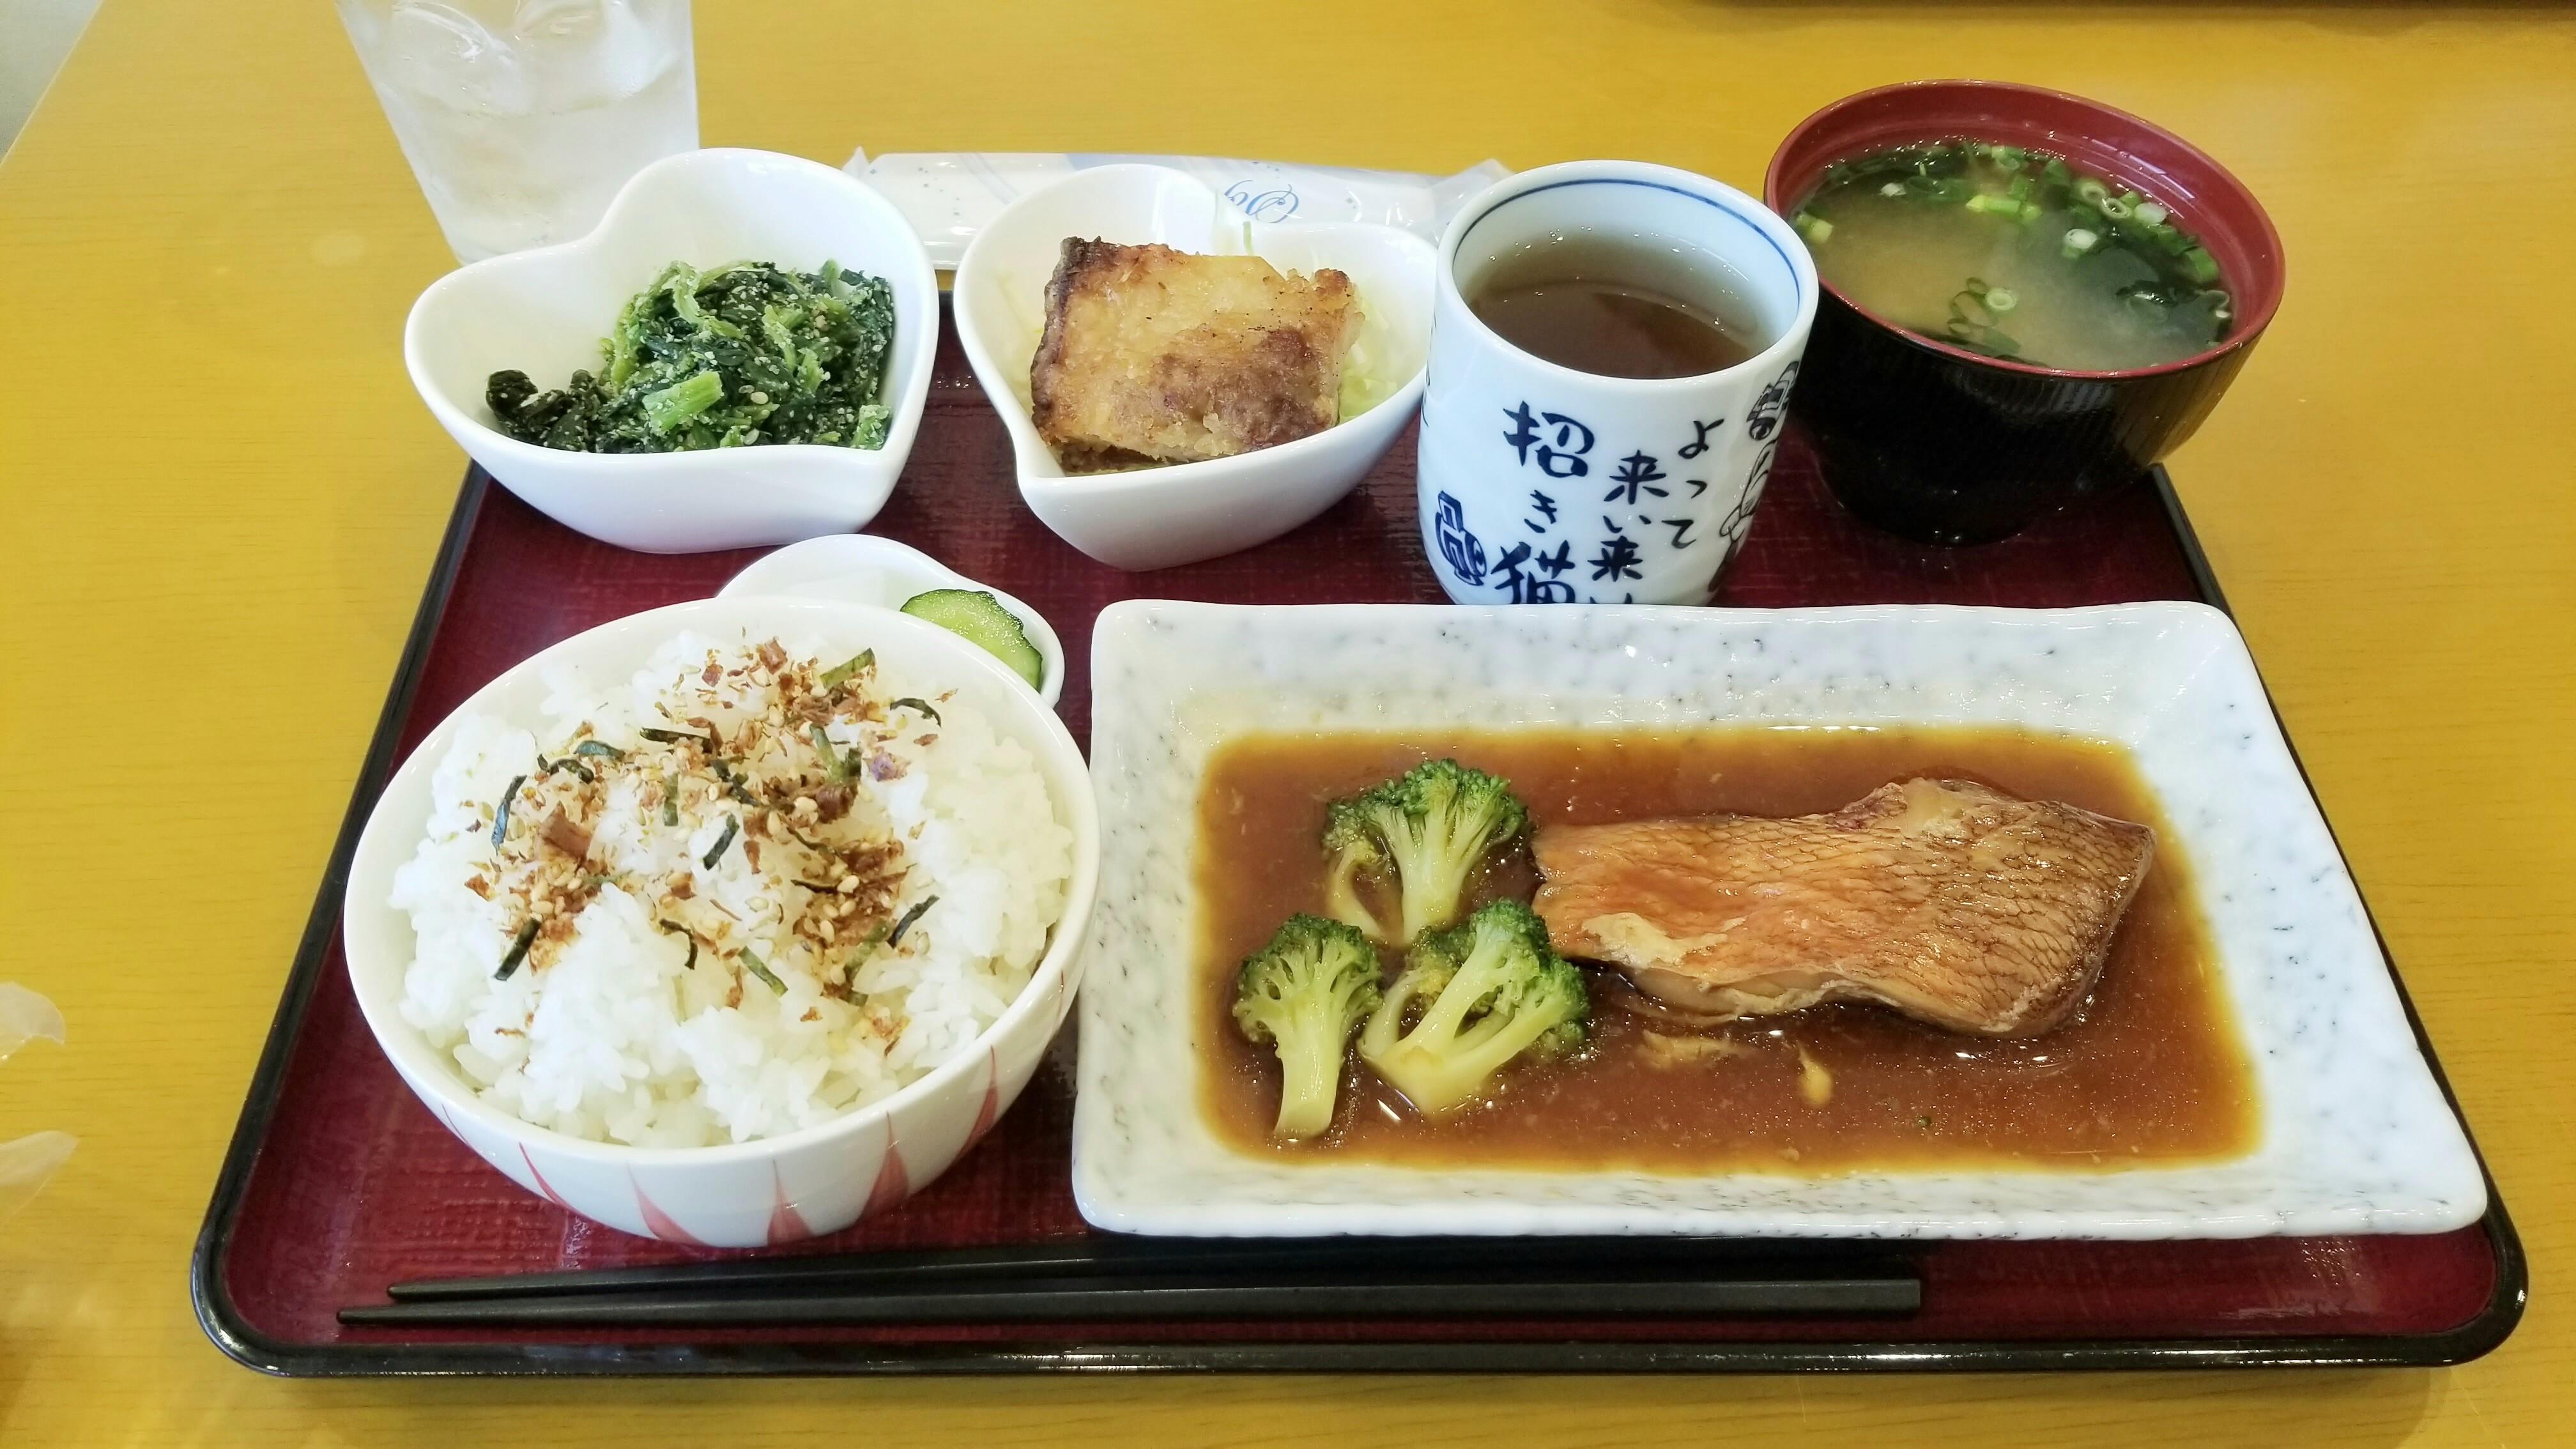 おいしいワンコインランチおすすめグルメ愛媛県カフェ喫茶こころ